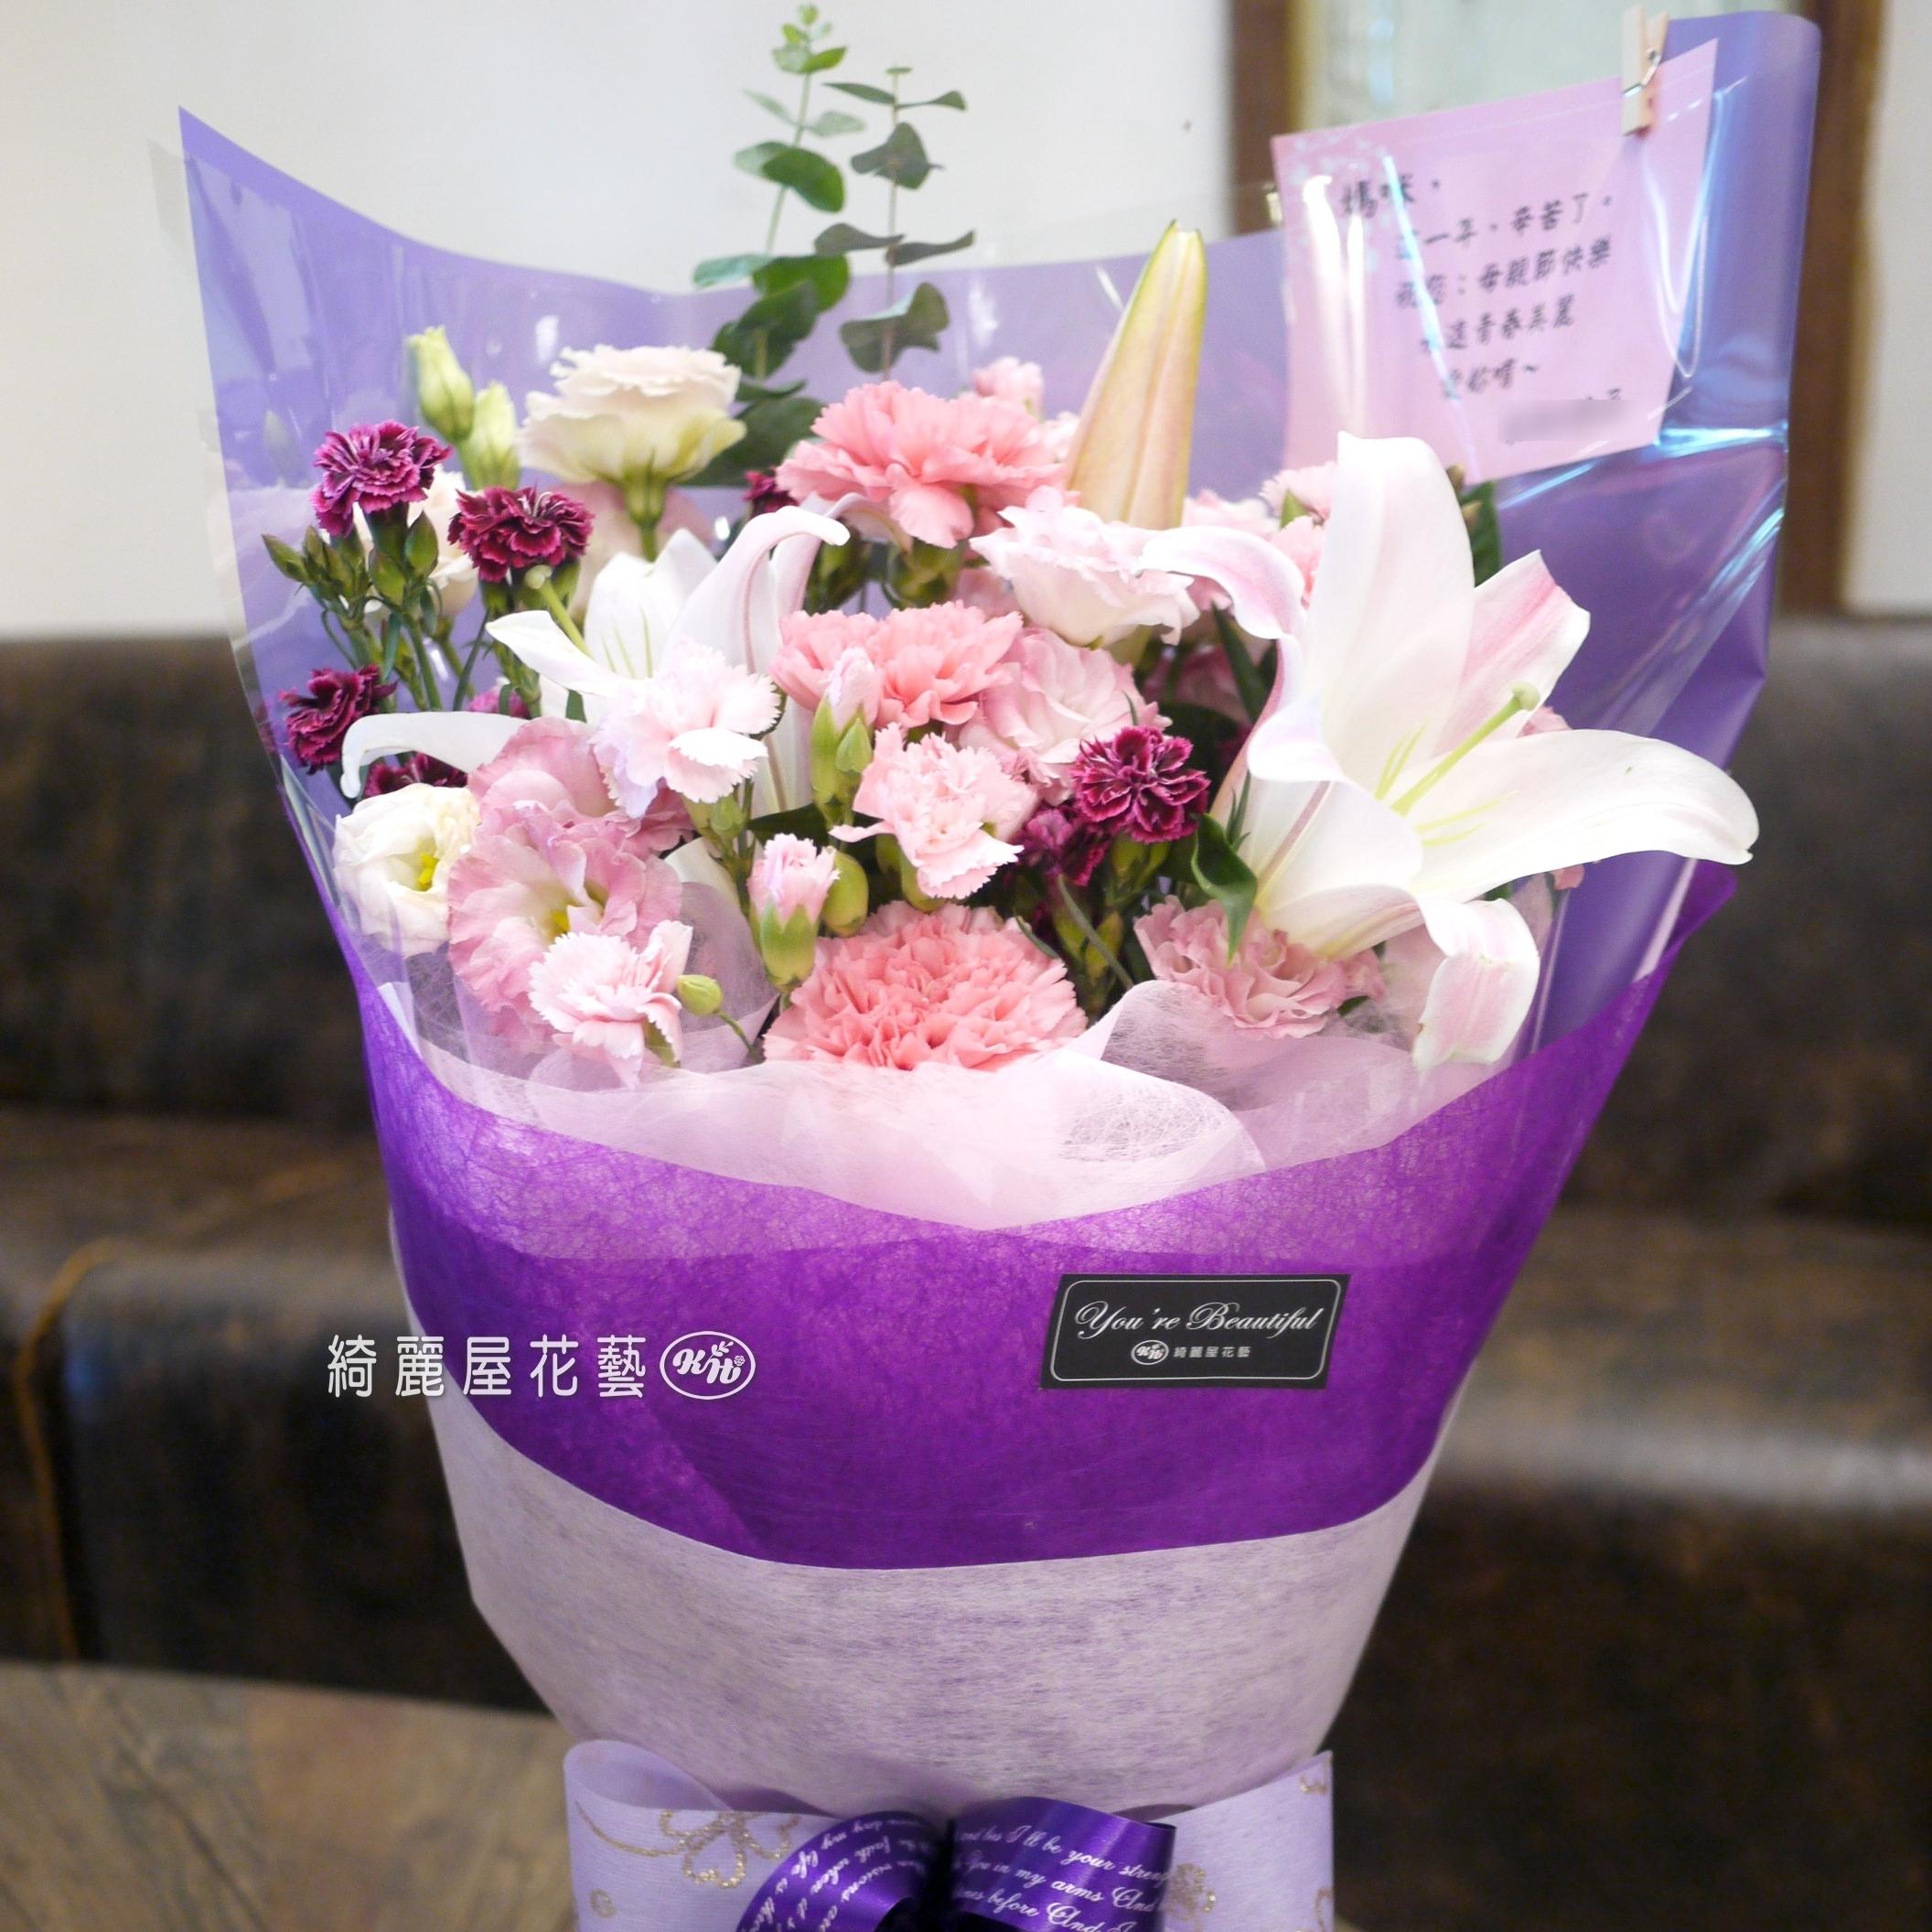 母親節康乃馨花束【AA171】-2